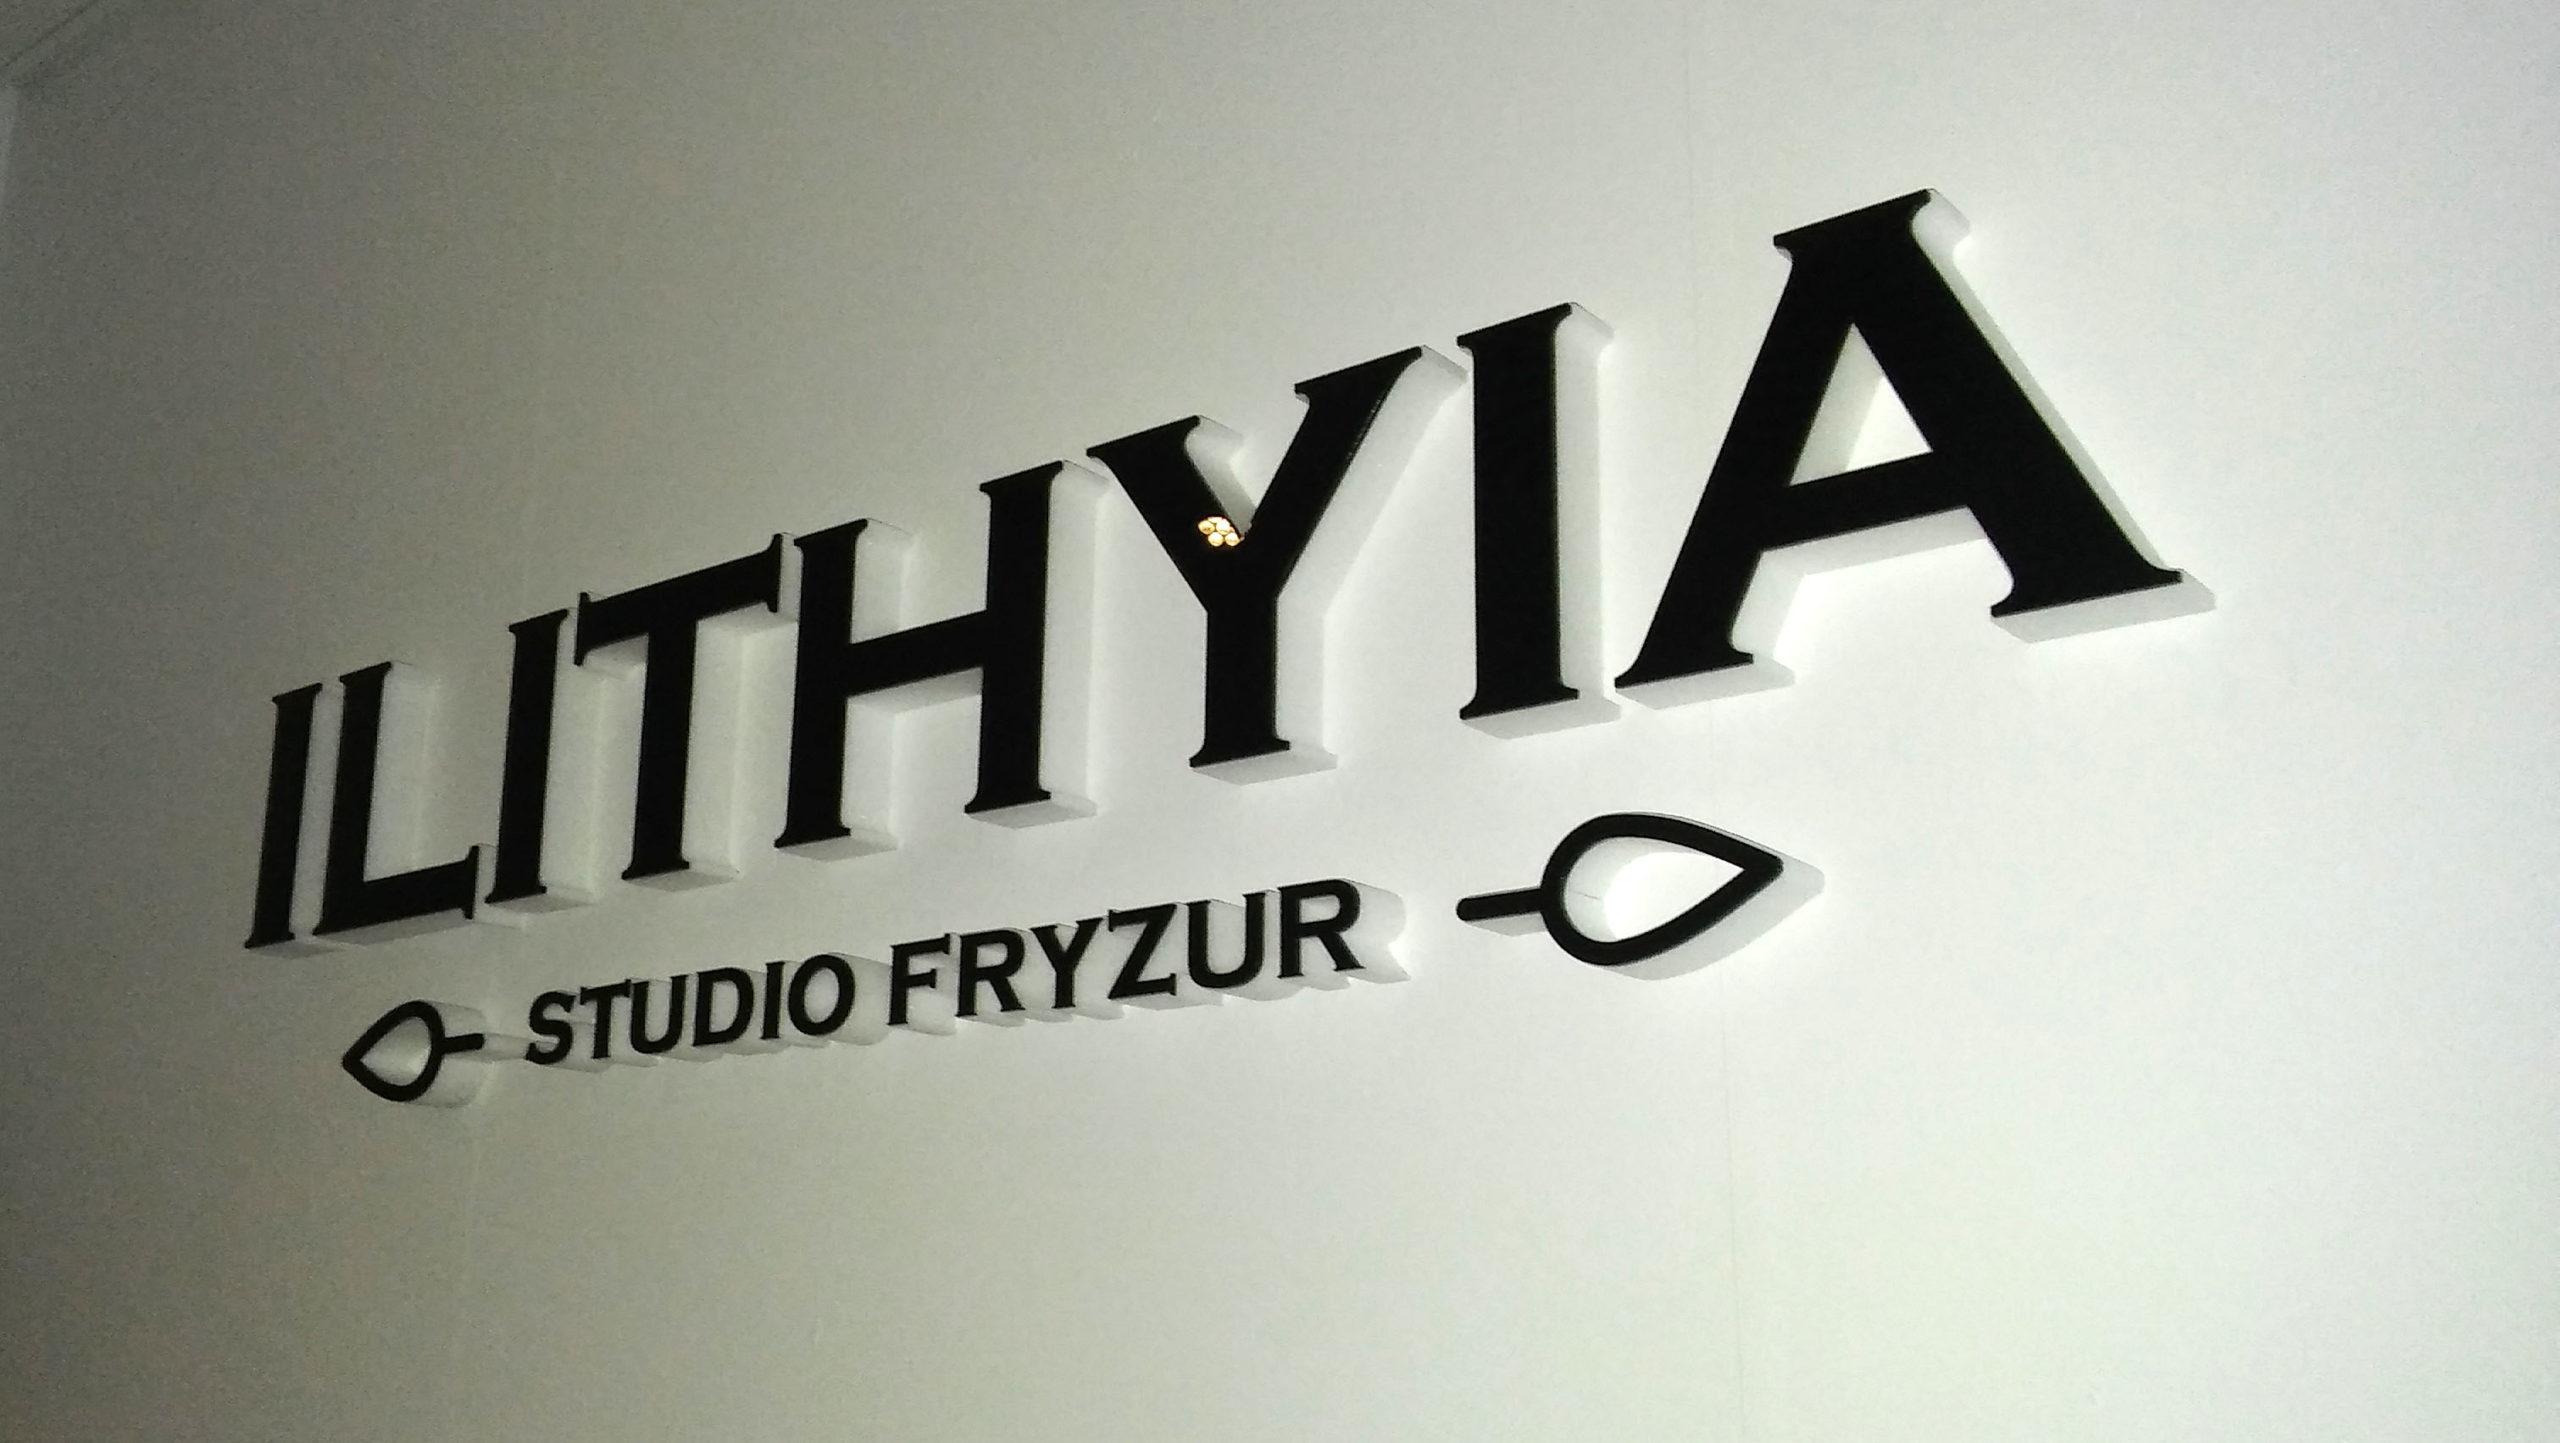 Realizacja reklamy Ilithayia